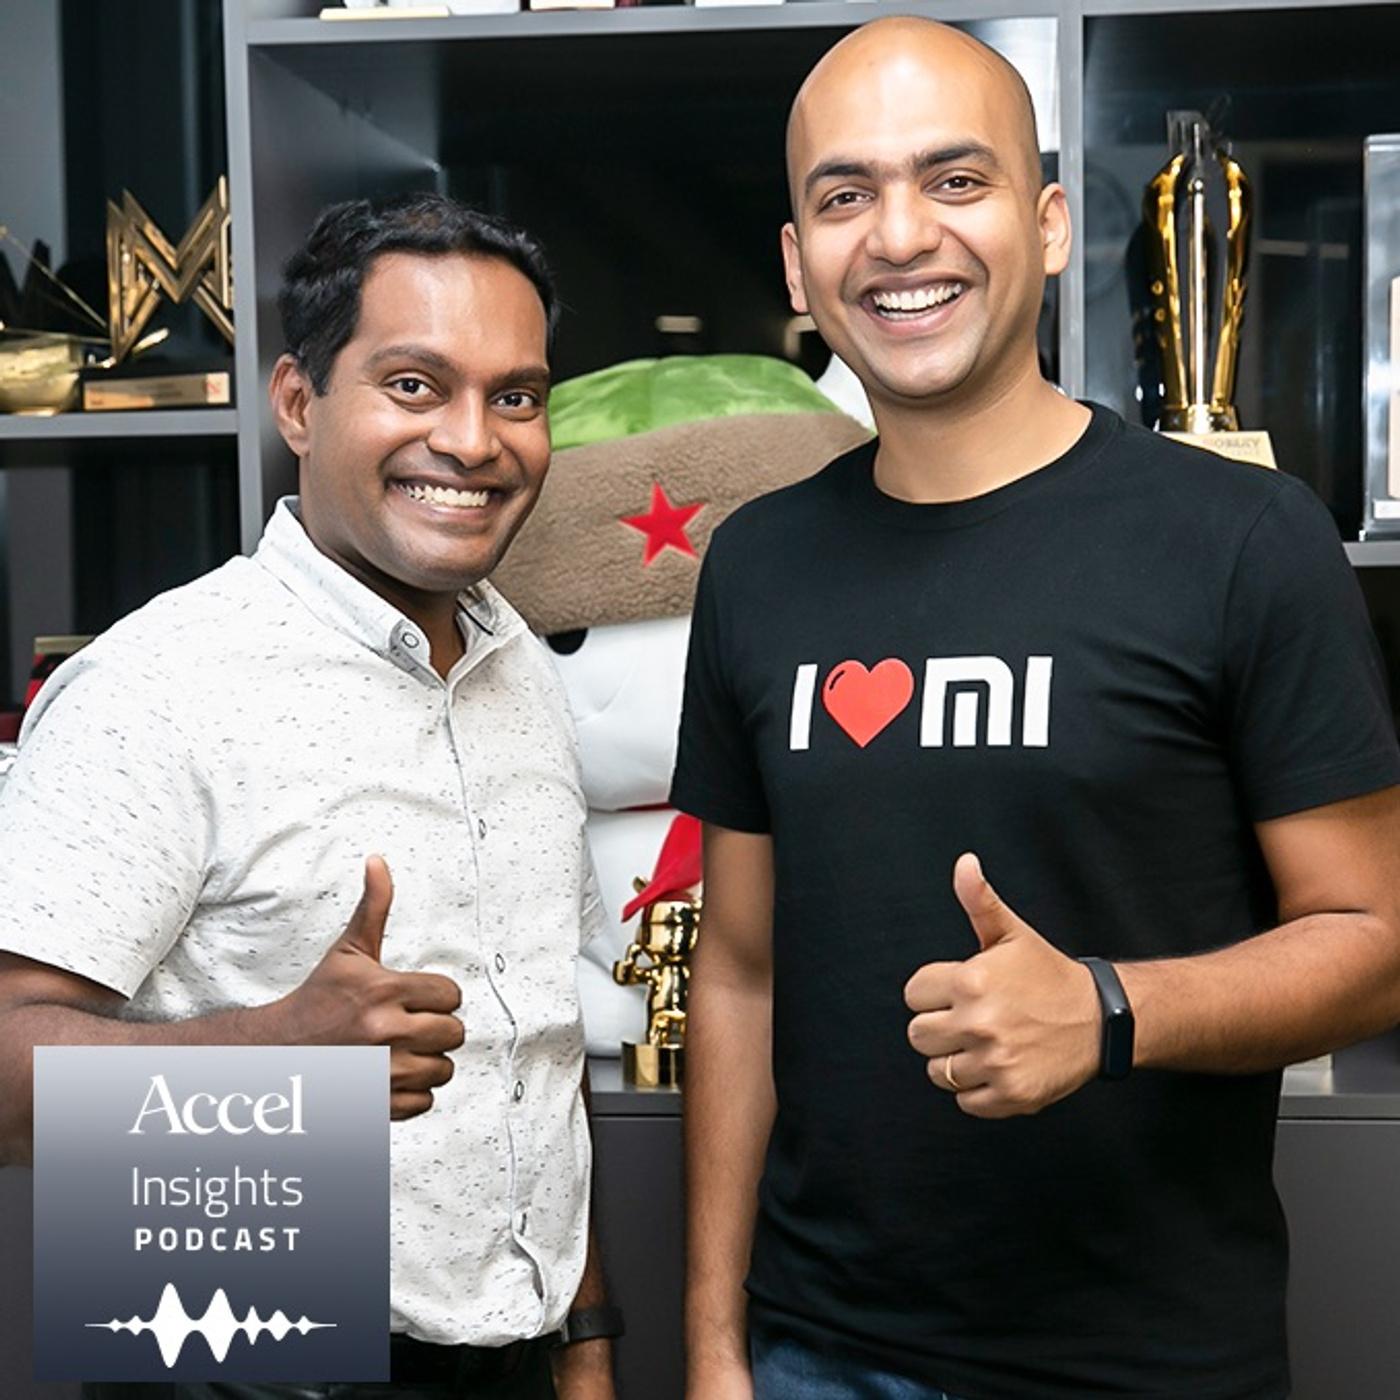 INSIGHTS #38 — Manu Kumar Jain on scaling Xiaomi and disrupting the India electronics space